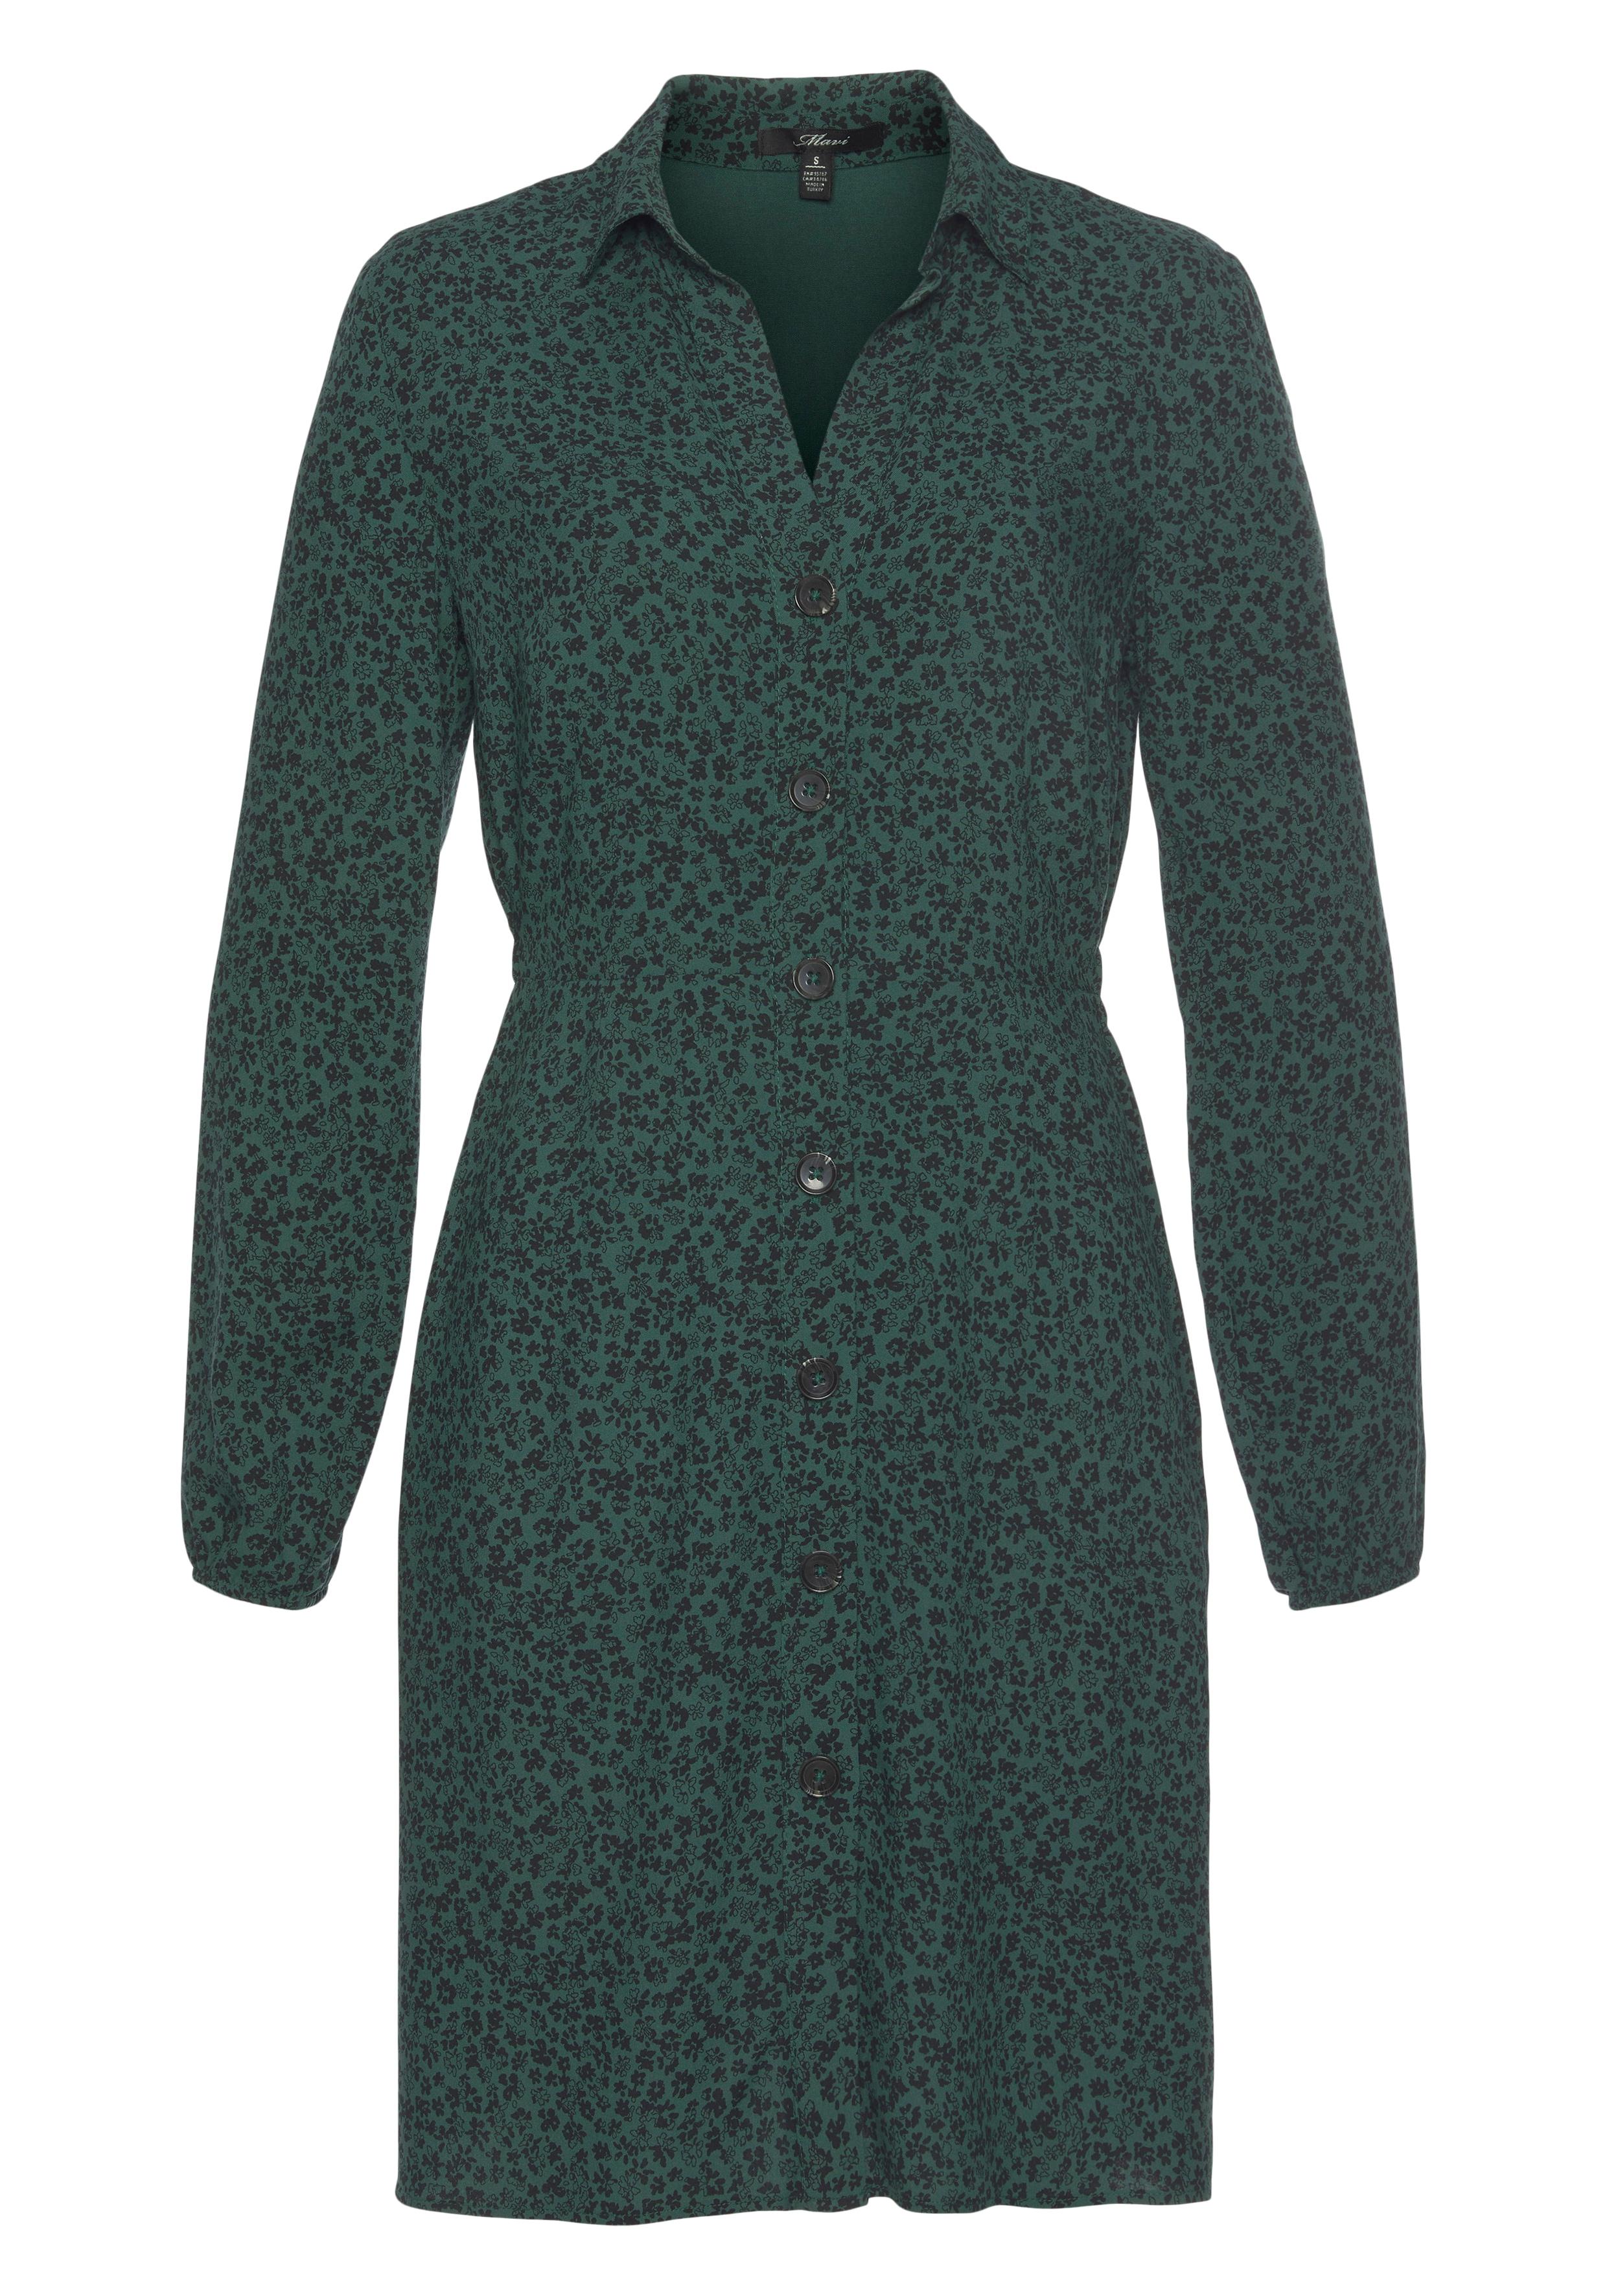 mavi -  Hemdblusenkleid LONG SLEEVE DRESS